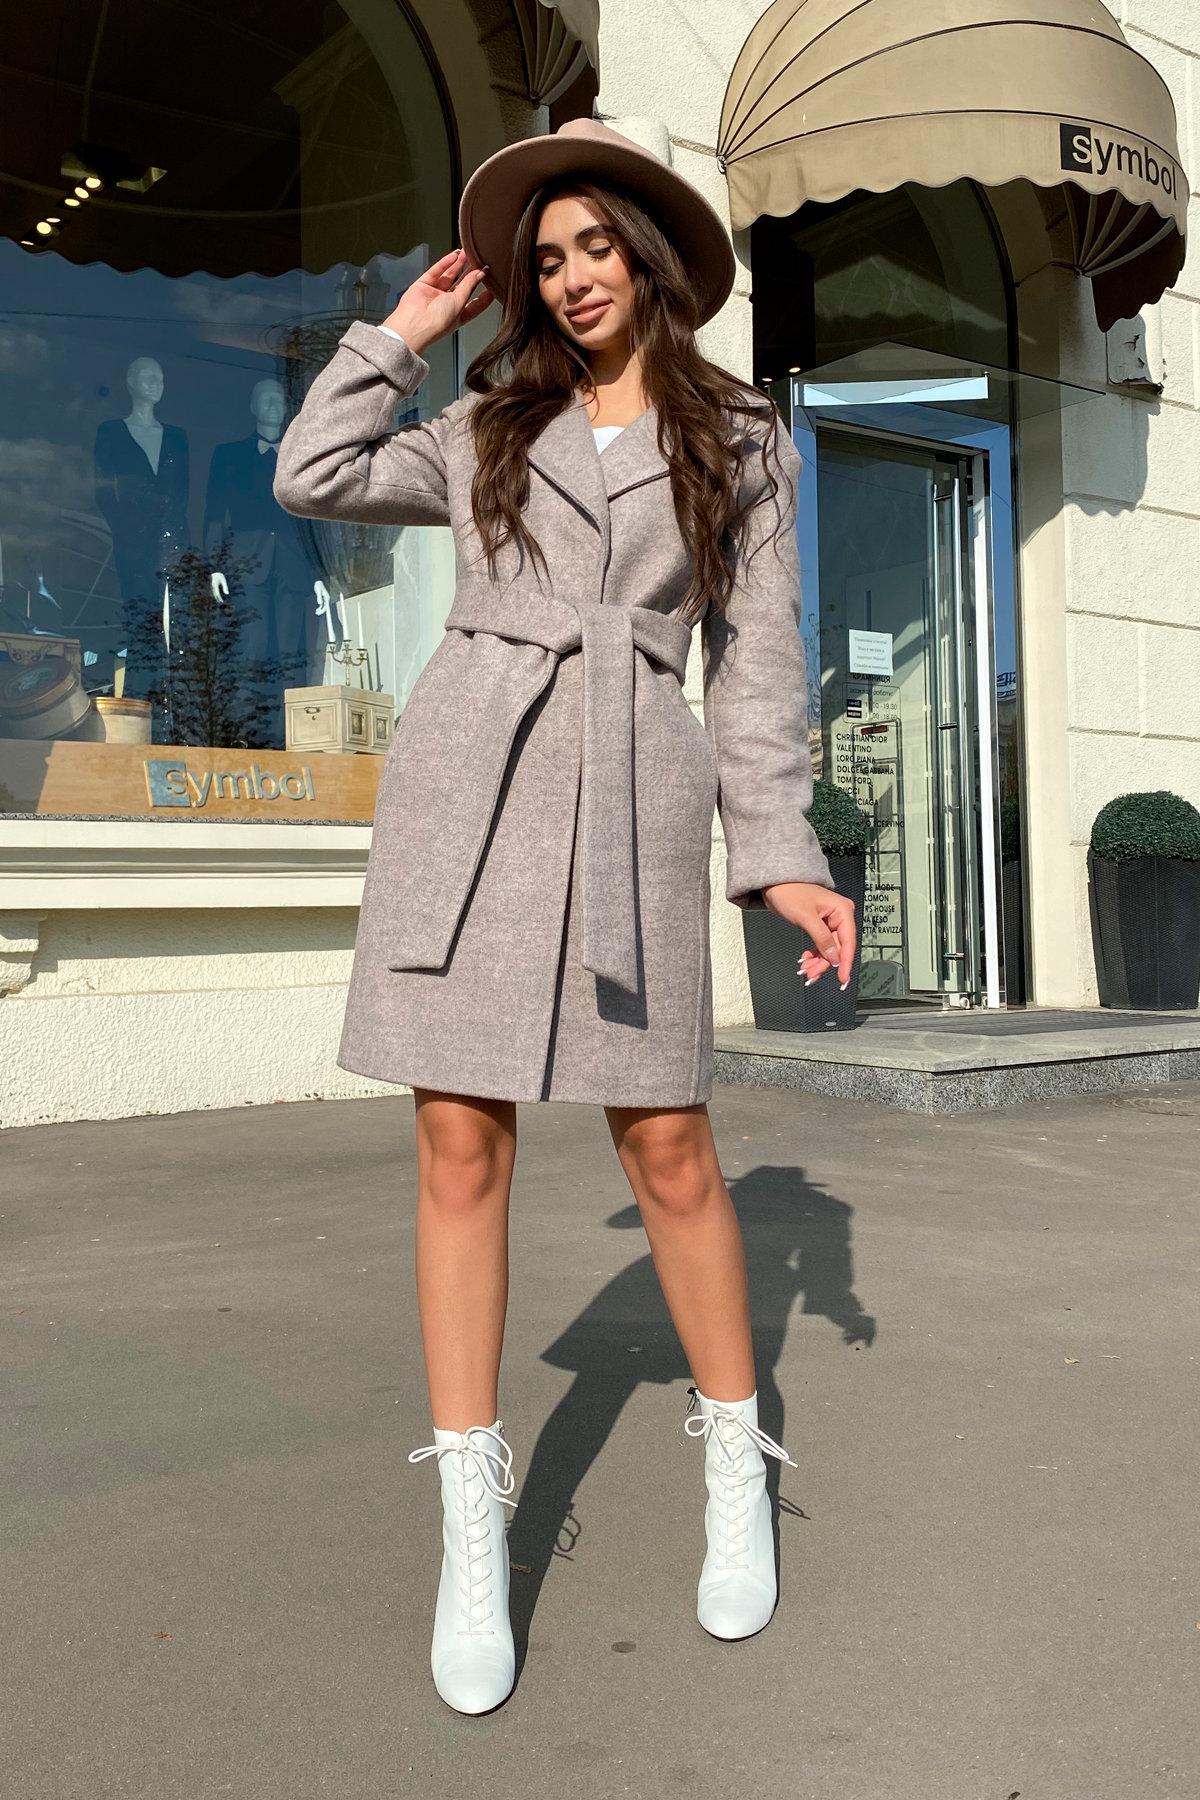 Пальто Месси 6259 АРТ. 41054 Цвет: Бежевый 31 - фото 2, интернет магазин tm-modus.ru